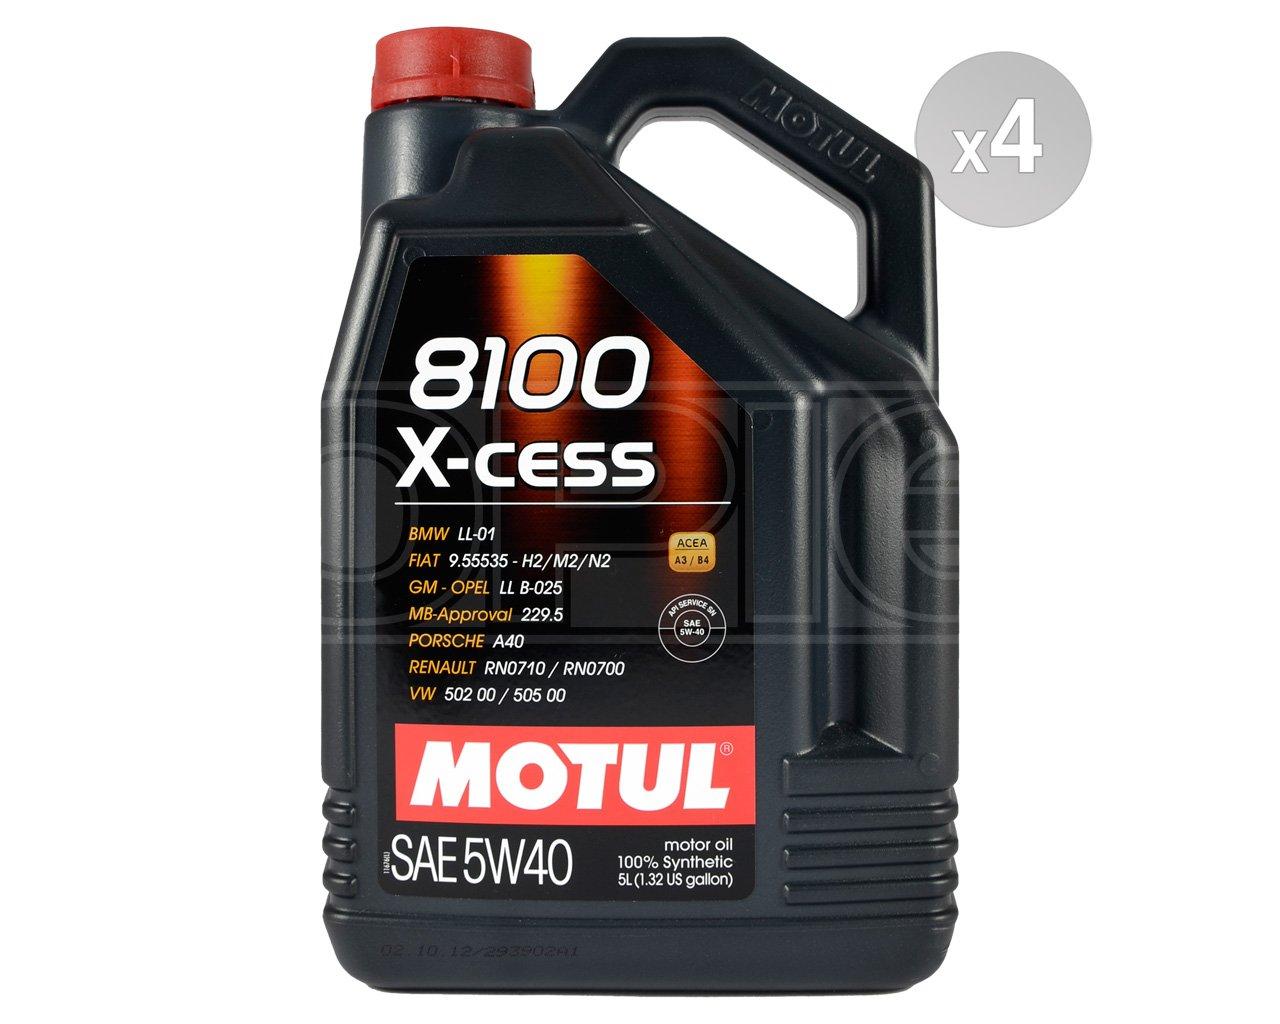 Amazon.com: Motul 102870-4 8100 X-Cess 5w40 Oil Case/4-5 Liters: Automotive